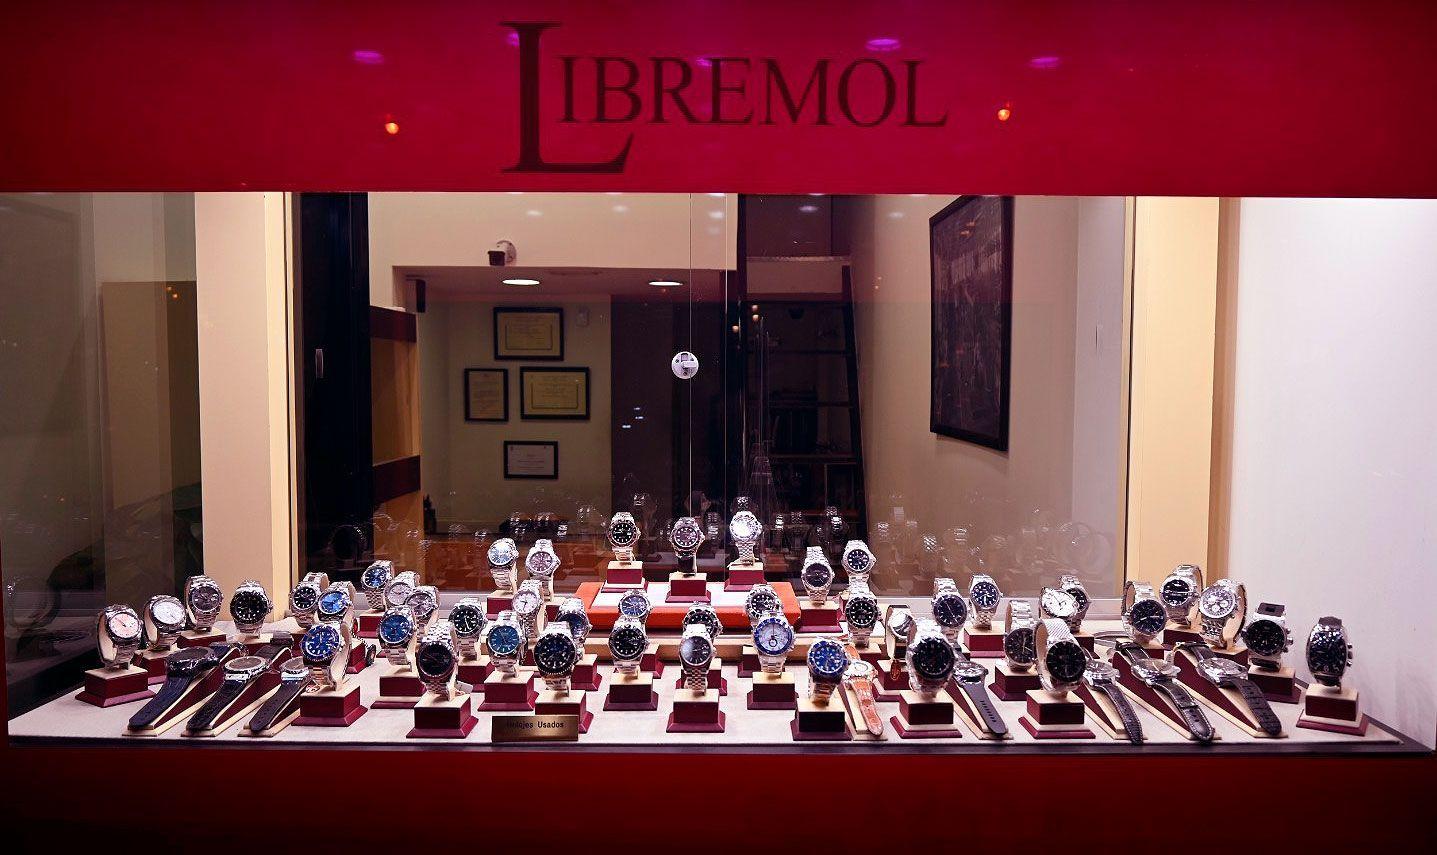 Joyería Libremol Compra y venta de relojes de ocasión